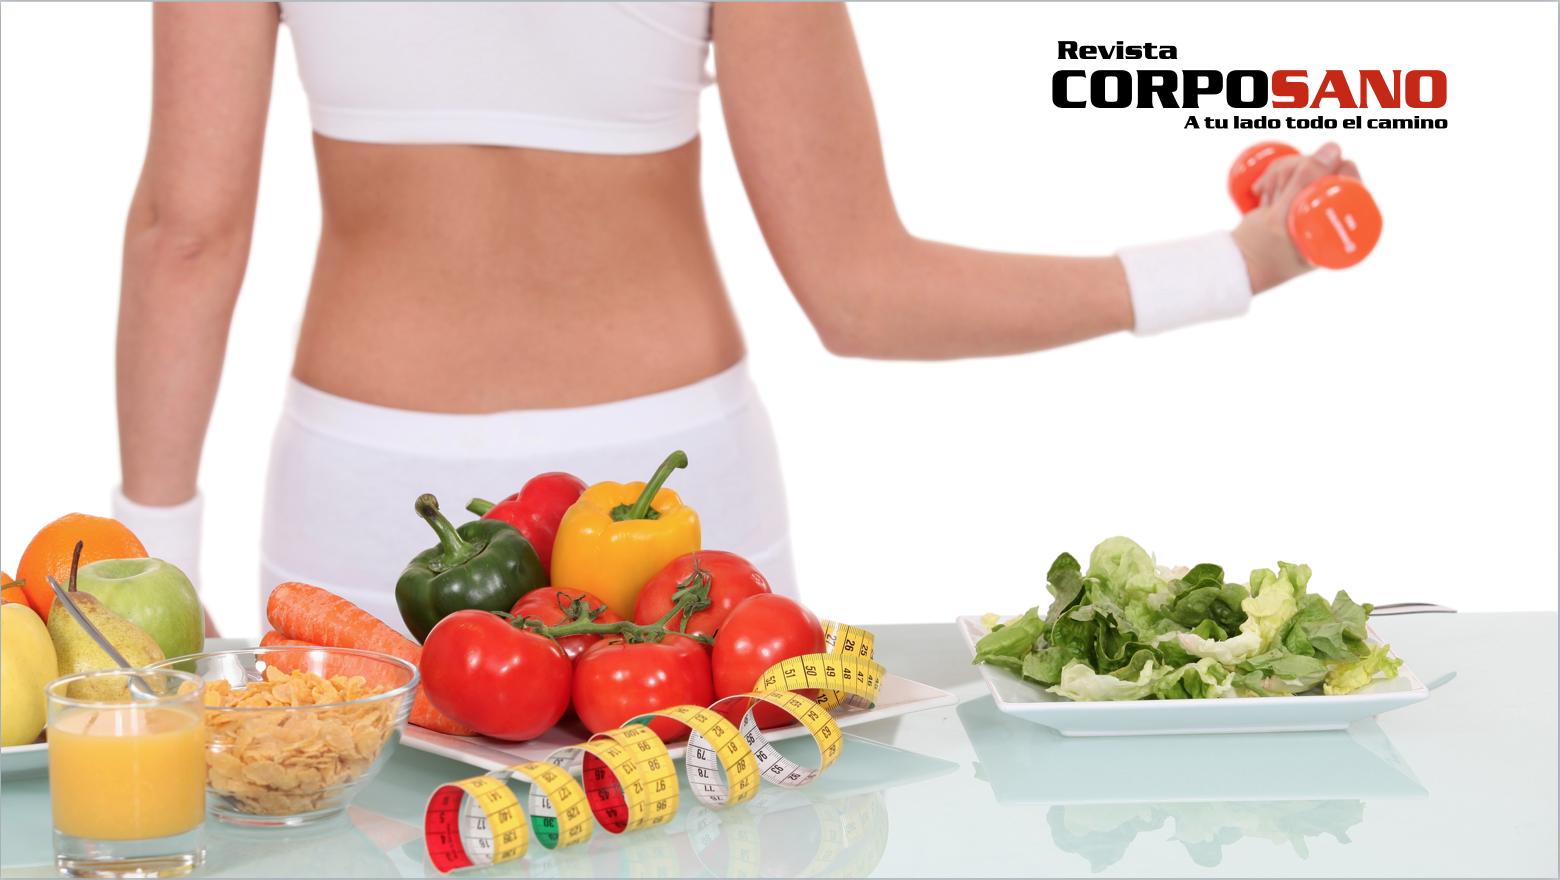 Как похудеть за неделю на 5 кг в домашних условиях без вреда? 53